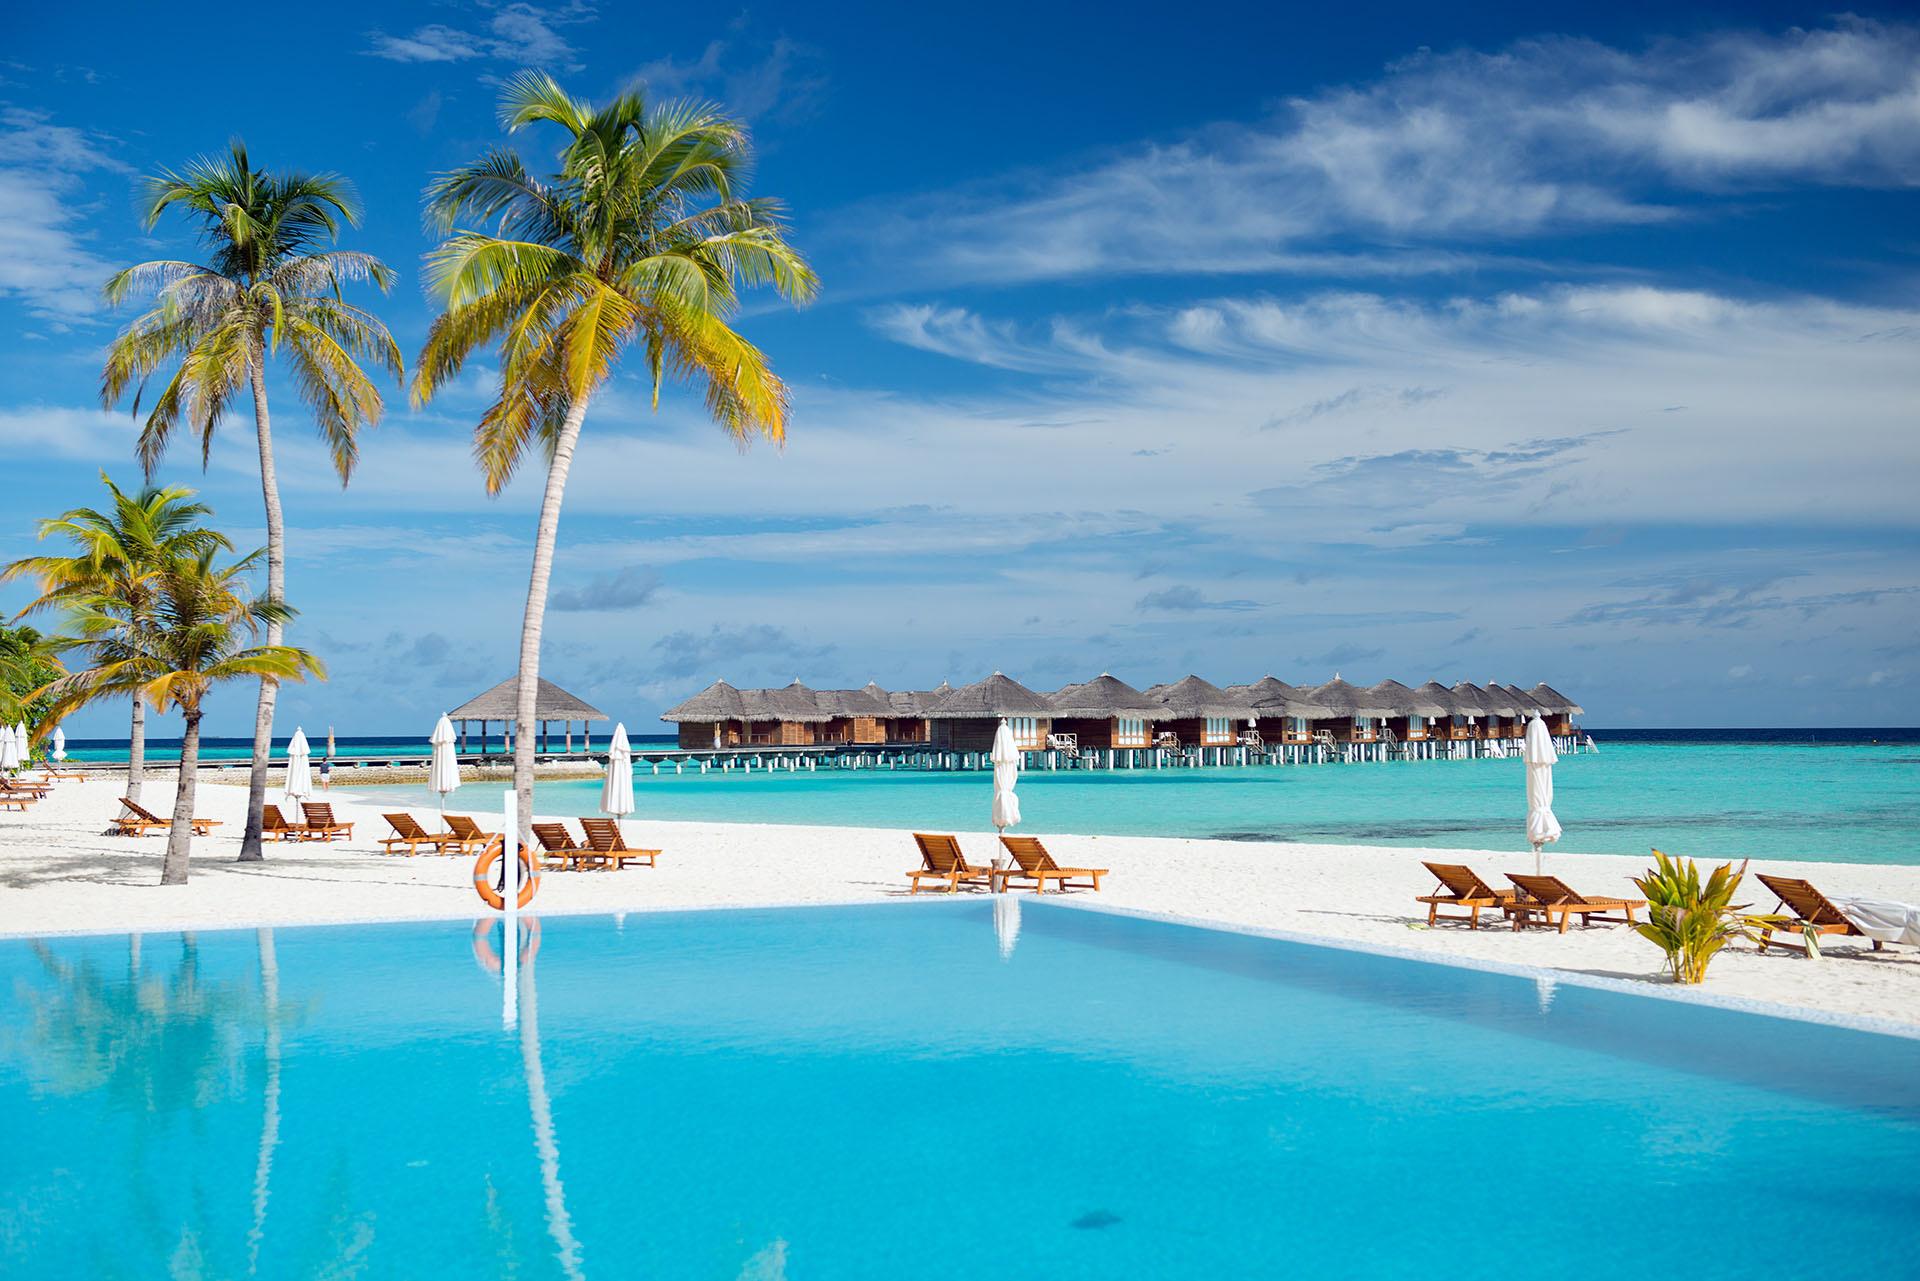 Islas maldivas mapa felices vacaciones for Islas maldivas hoteles en el agua